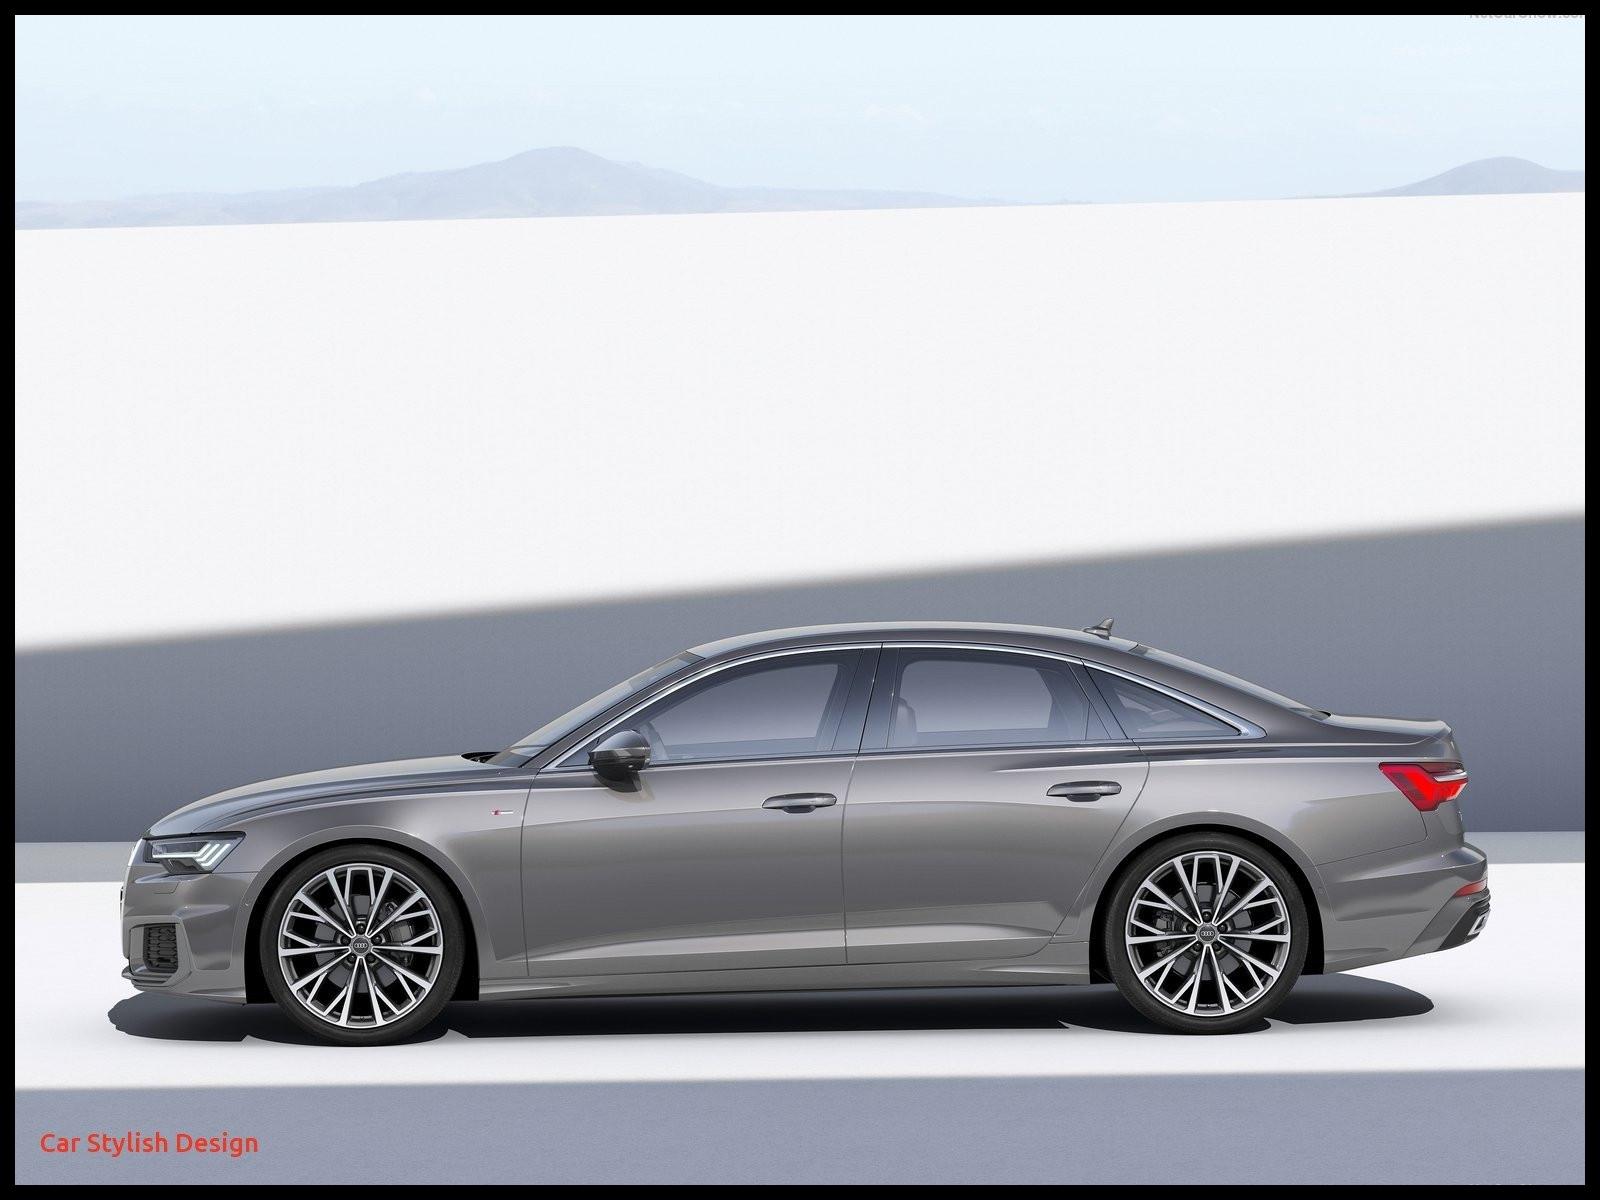 Breathtaking Audi Configurator Audi Dealers In Ma New Audi A 6 Elegant Audi A6 2019 1600